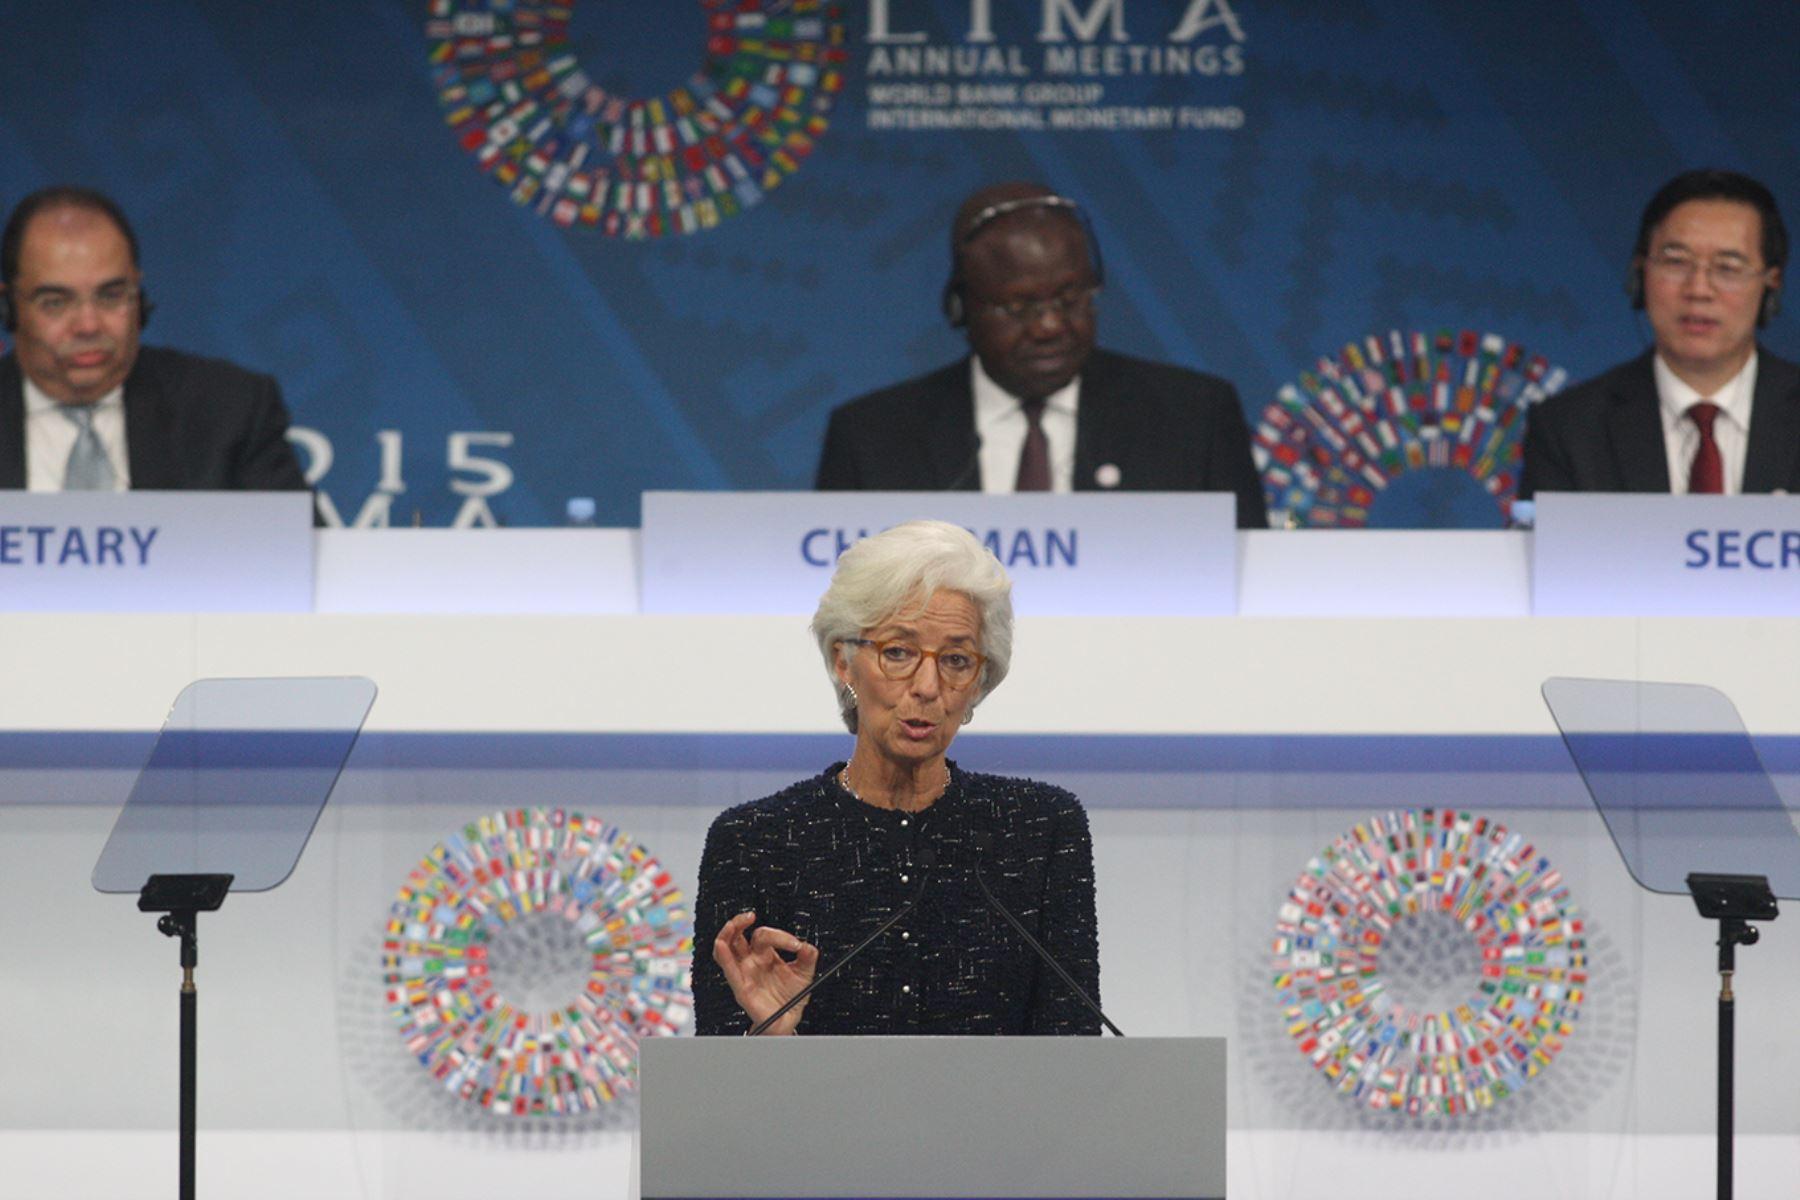 LIMA, PERÚ - OCTUBRE 09. Exposición de Christine Lagarde, directora gerente del Fondo Monetario Internacional (FMI) durante la sesión plenaria.  Foto: ANDINA/Juan Carlos Guzmán Negrini.